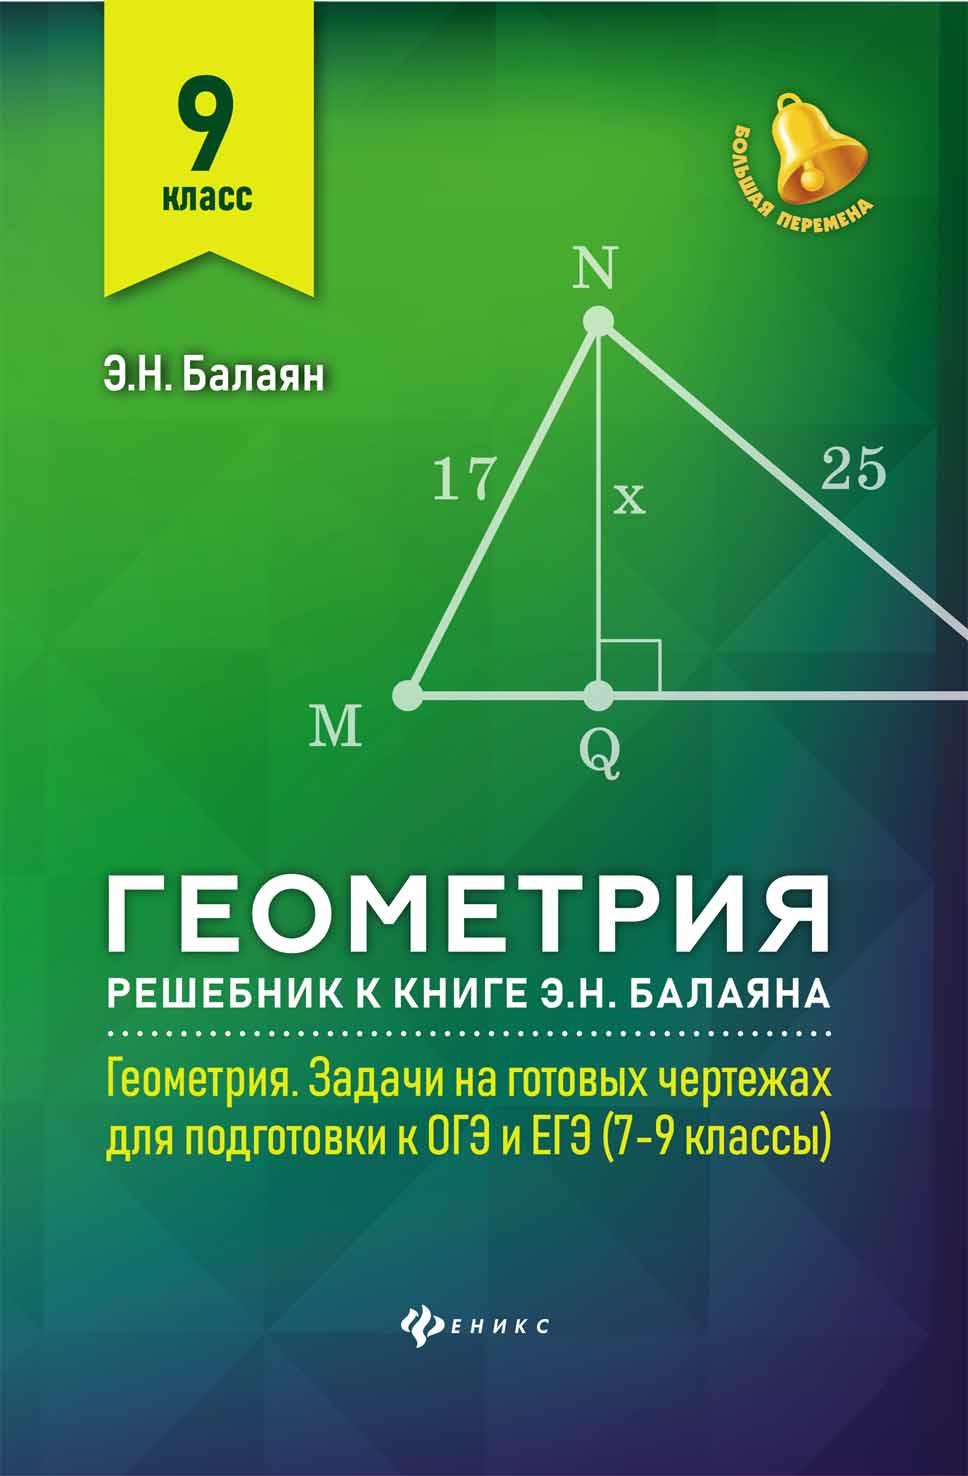 Э. Н. Балаян Геометрия. 9 класс. Решебник к книге Э.Н. Балаяна Геометрия. Задачи на готовых чертежах для подготовки к ОГЭ и ЕГЭ. 7-9 классы балаян э геометрия задачи на готовых чертежах для подготовки к огэ и егэ 7 9 классы